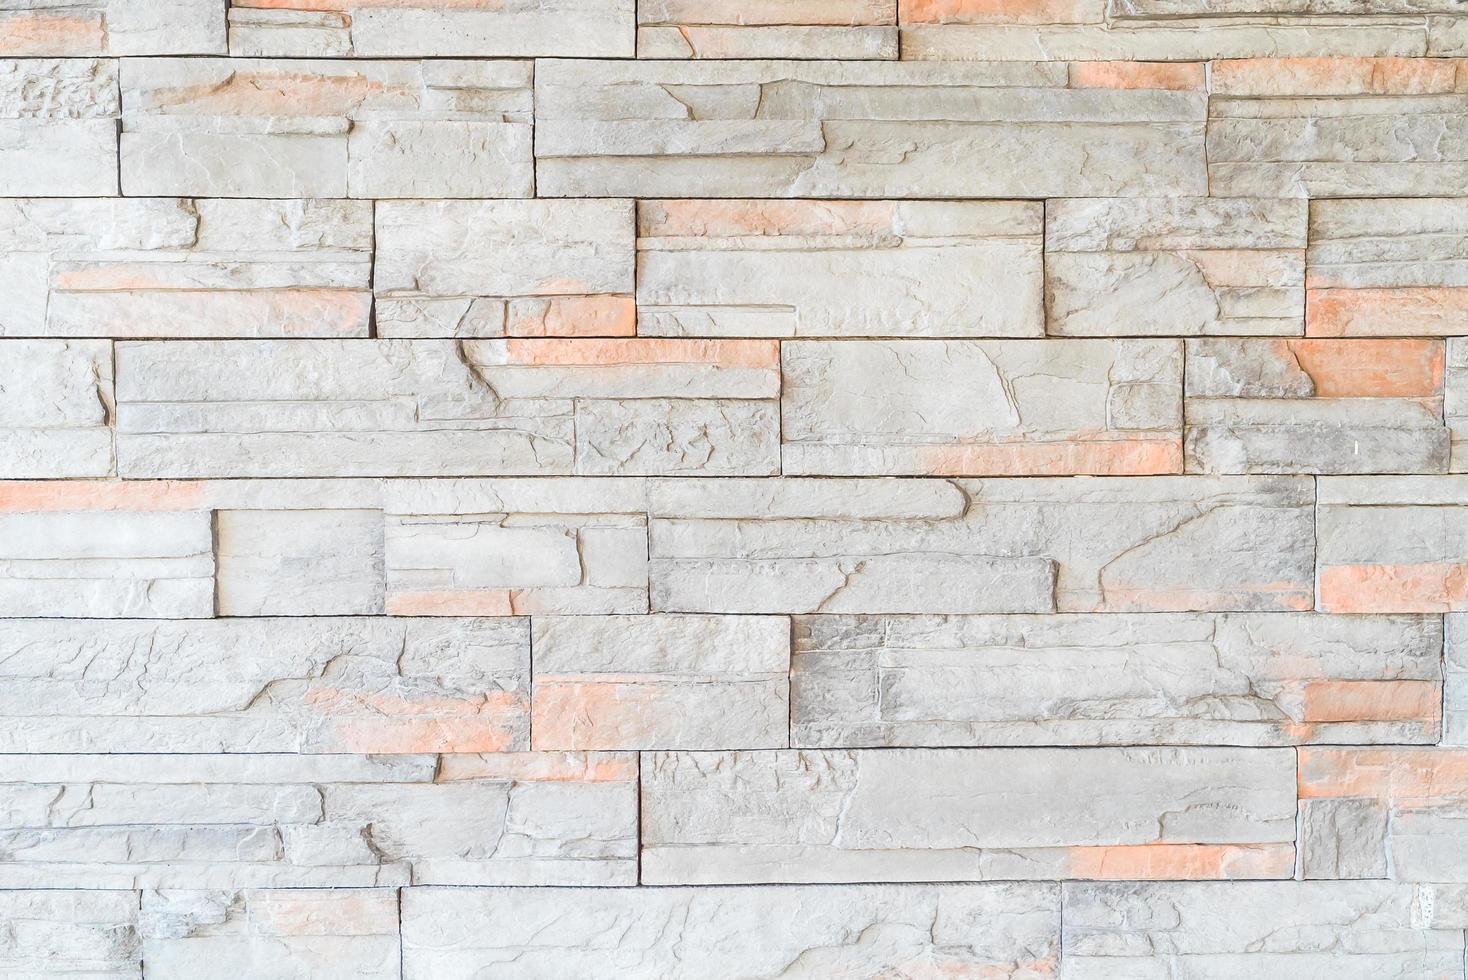 decoratie bakstenen muur textuur foto